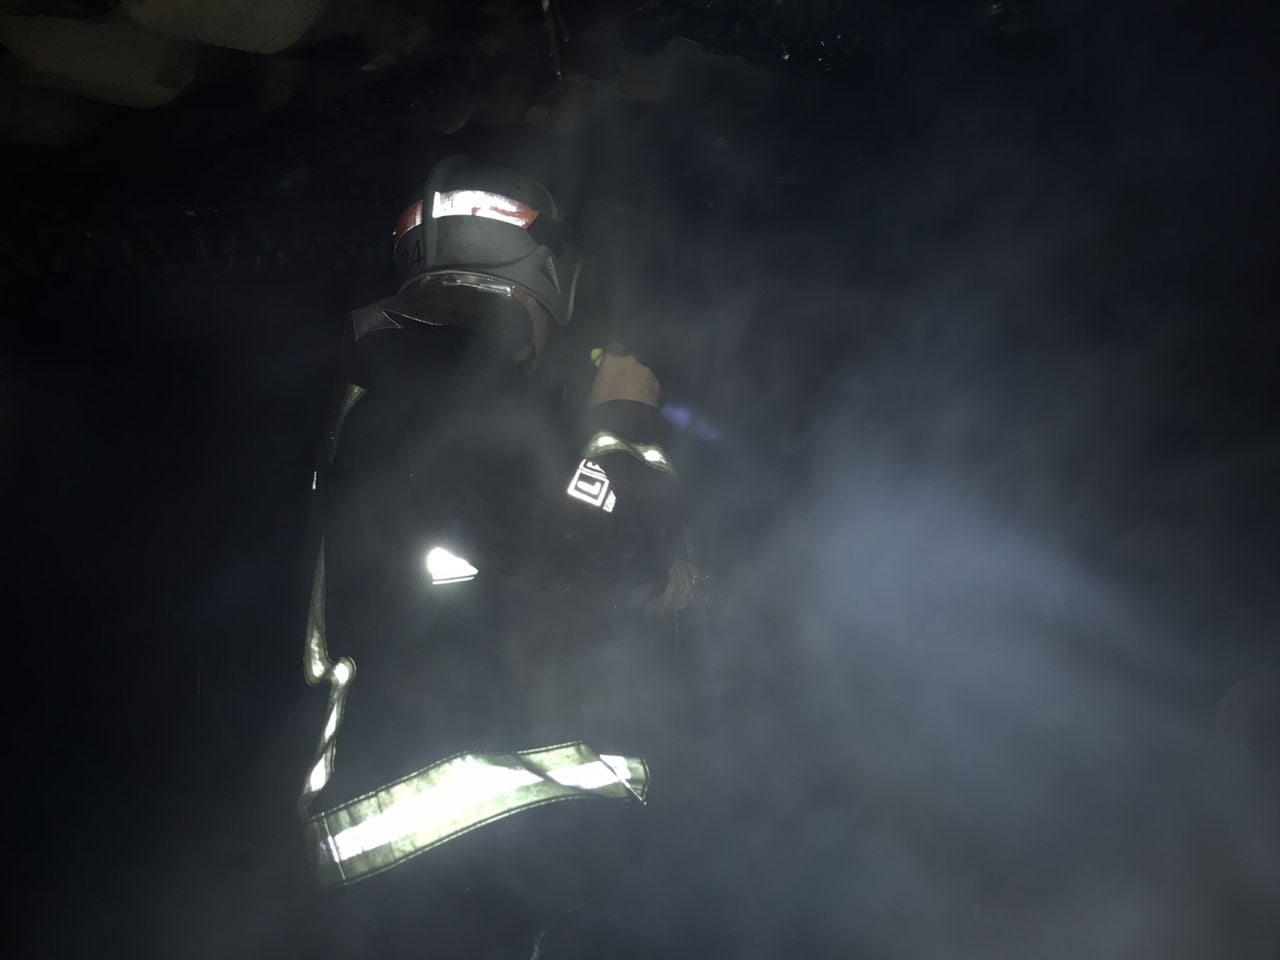 Три пожежі за одну ніч: столичні вогнеборці успішно ліквідували займання - пожежники, пожежа, загоряння - 123846223 3457835577629693 4840614838677330821 o